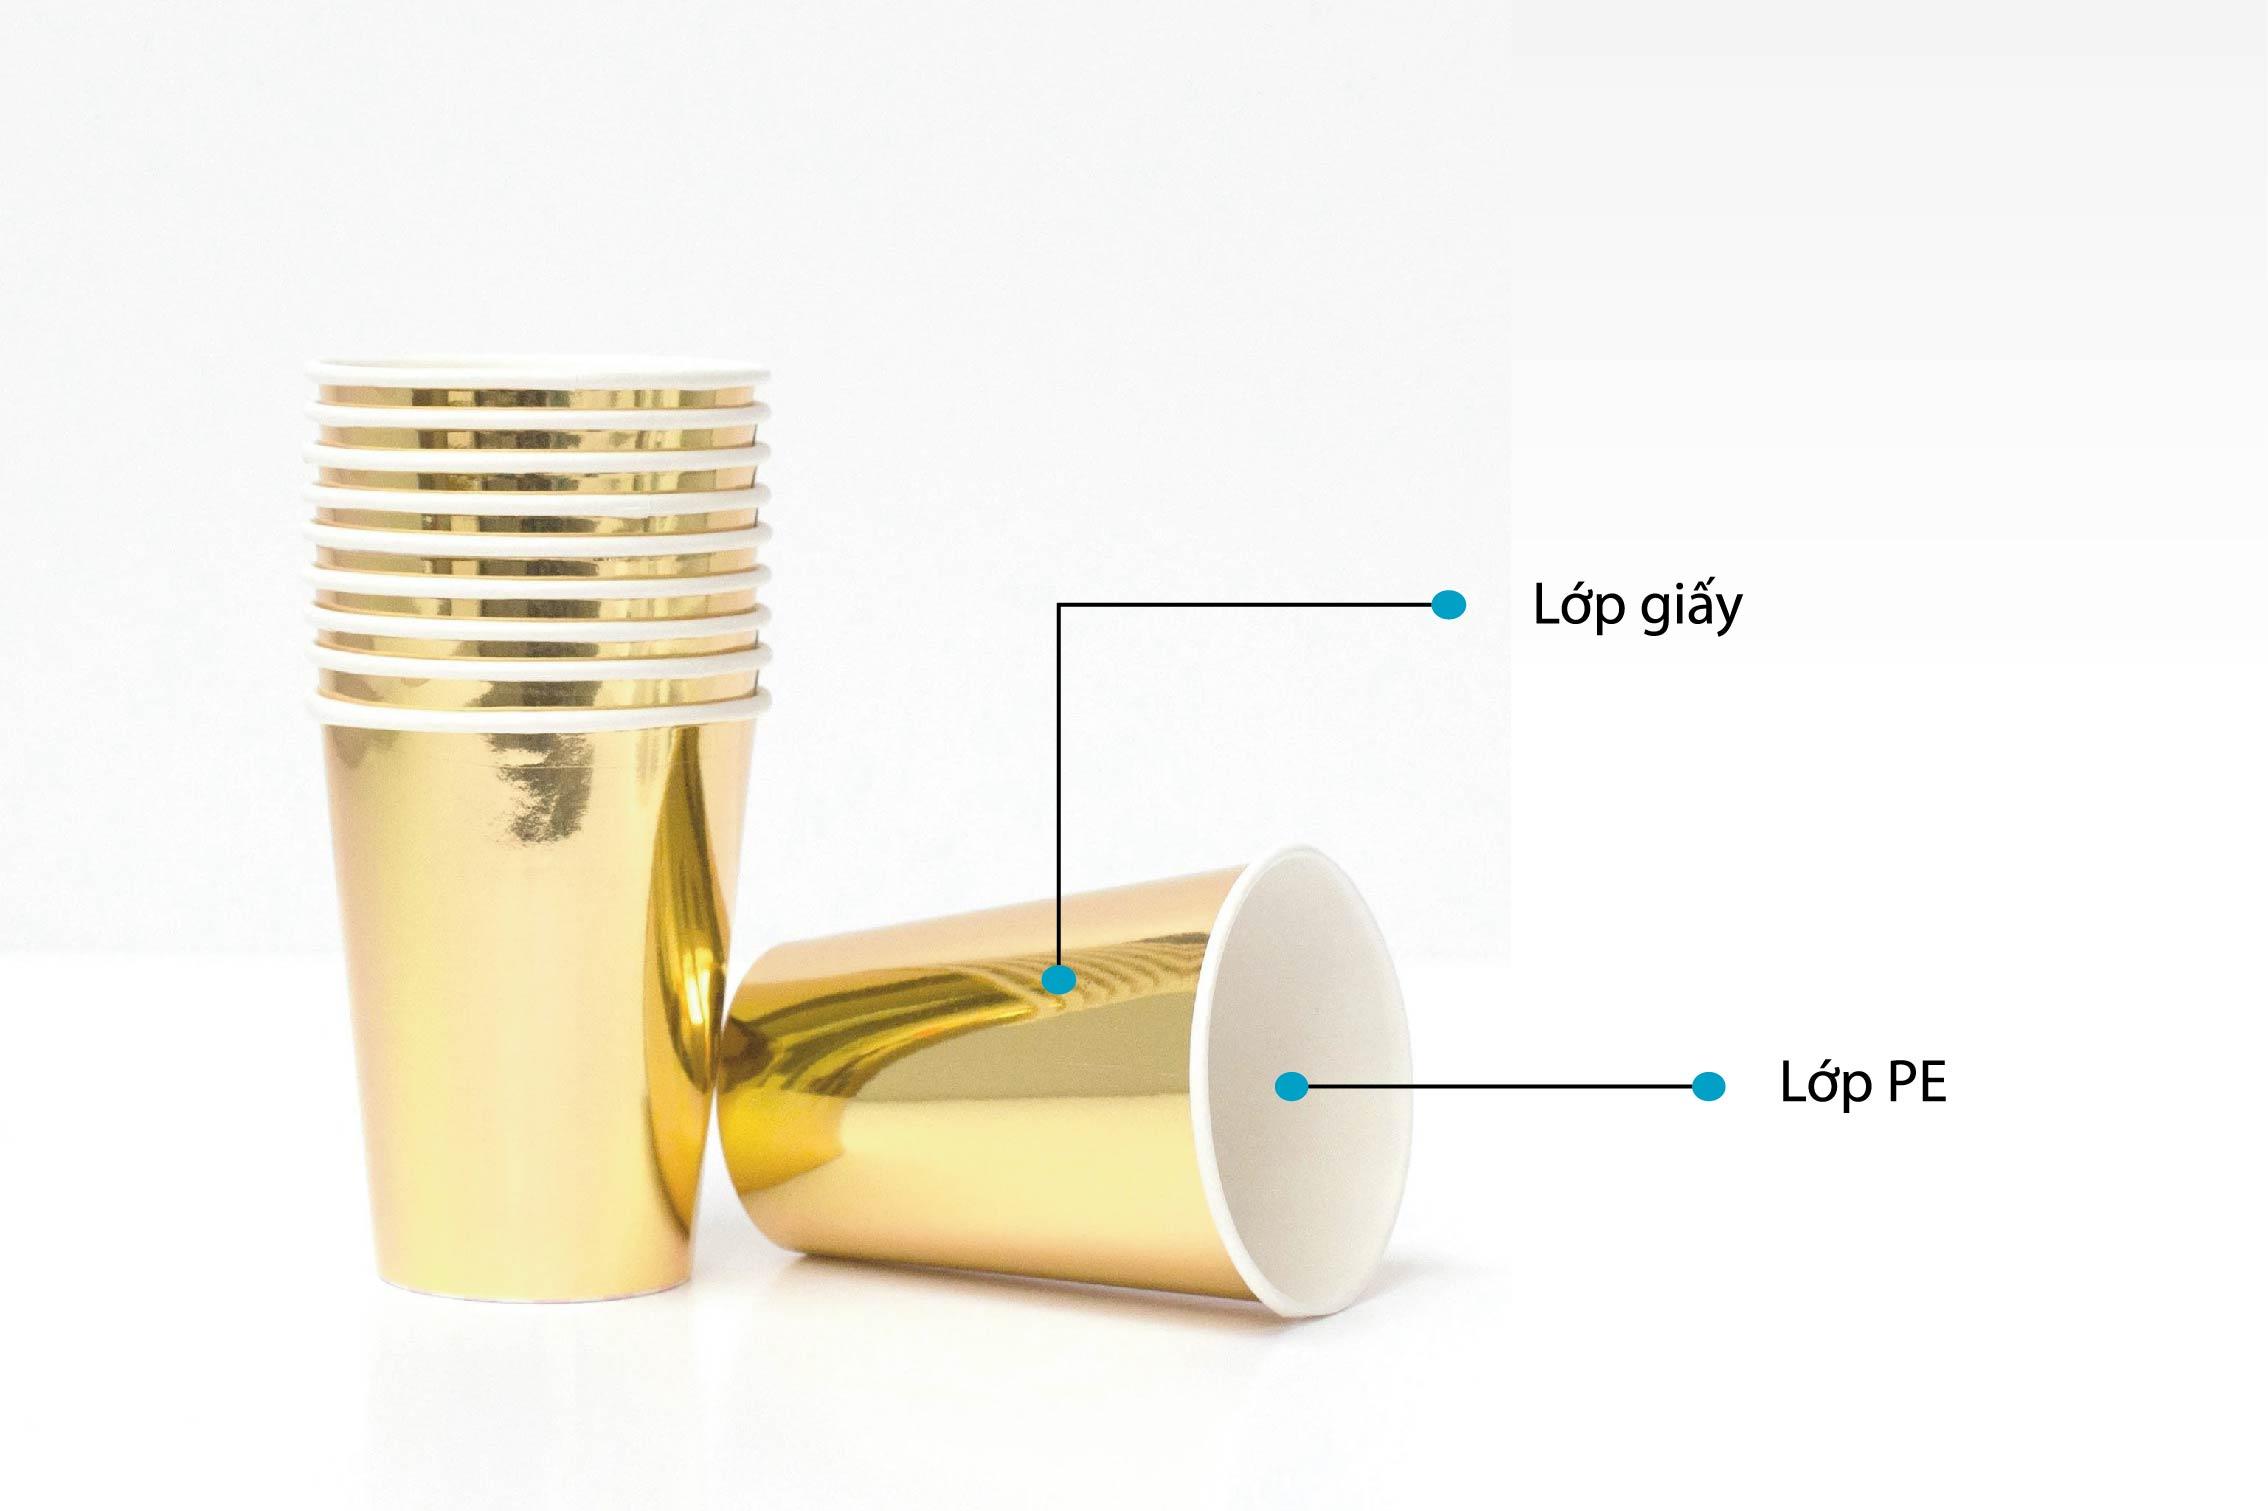 Giấy sẽ được tráng lớp PE để tặng độ cứng và chống ẩm ướt - công nghệ làm cốc giấy